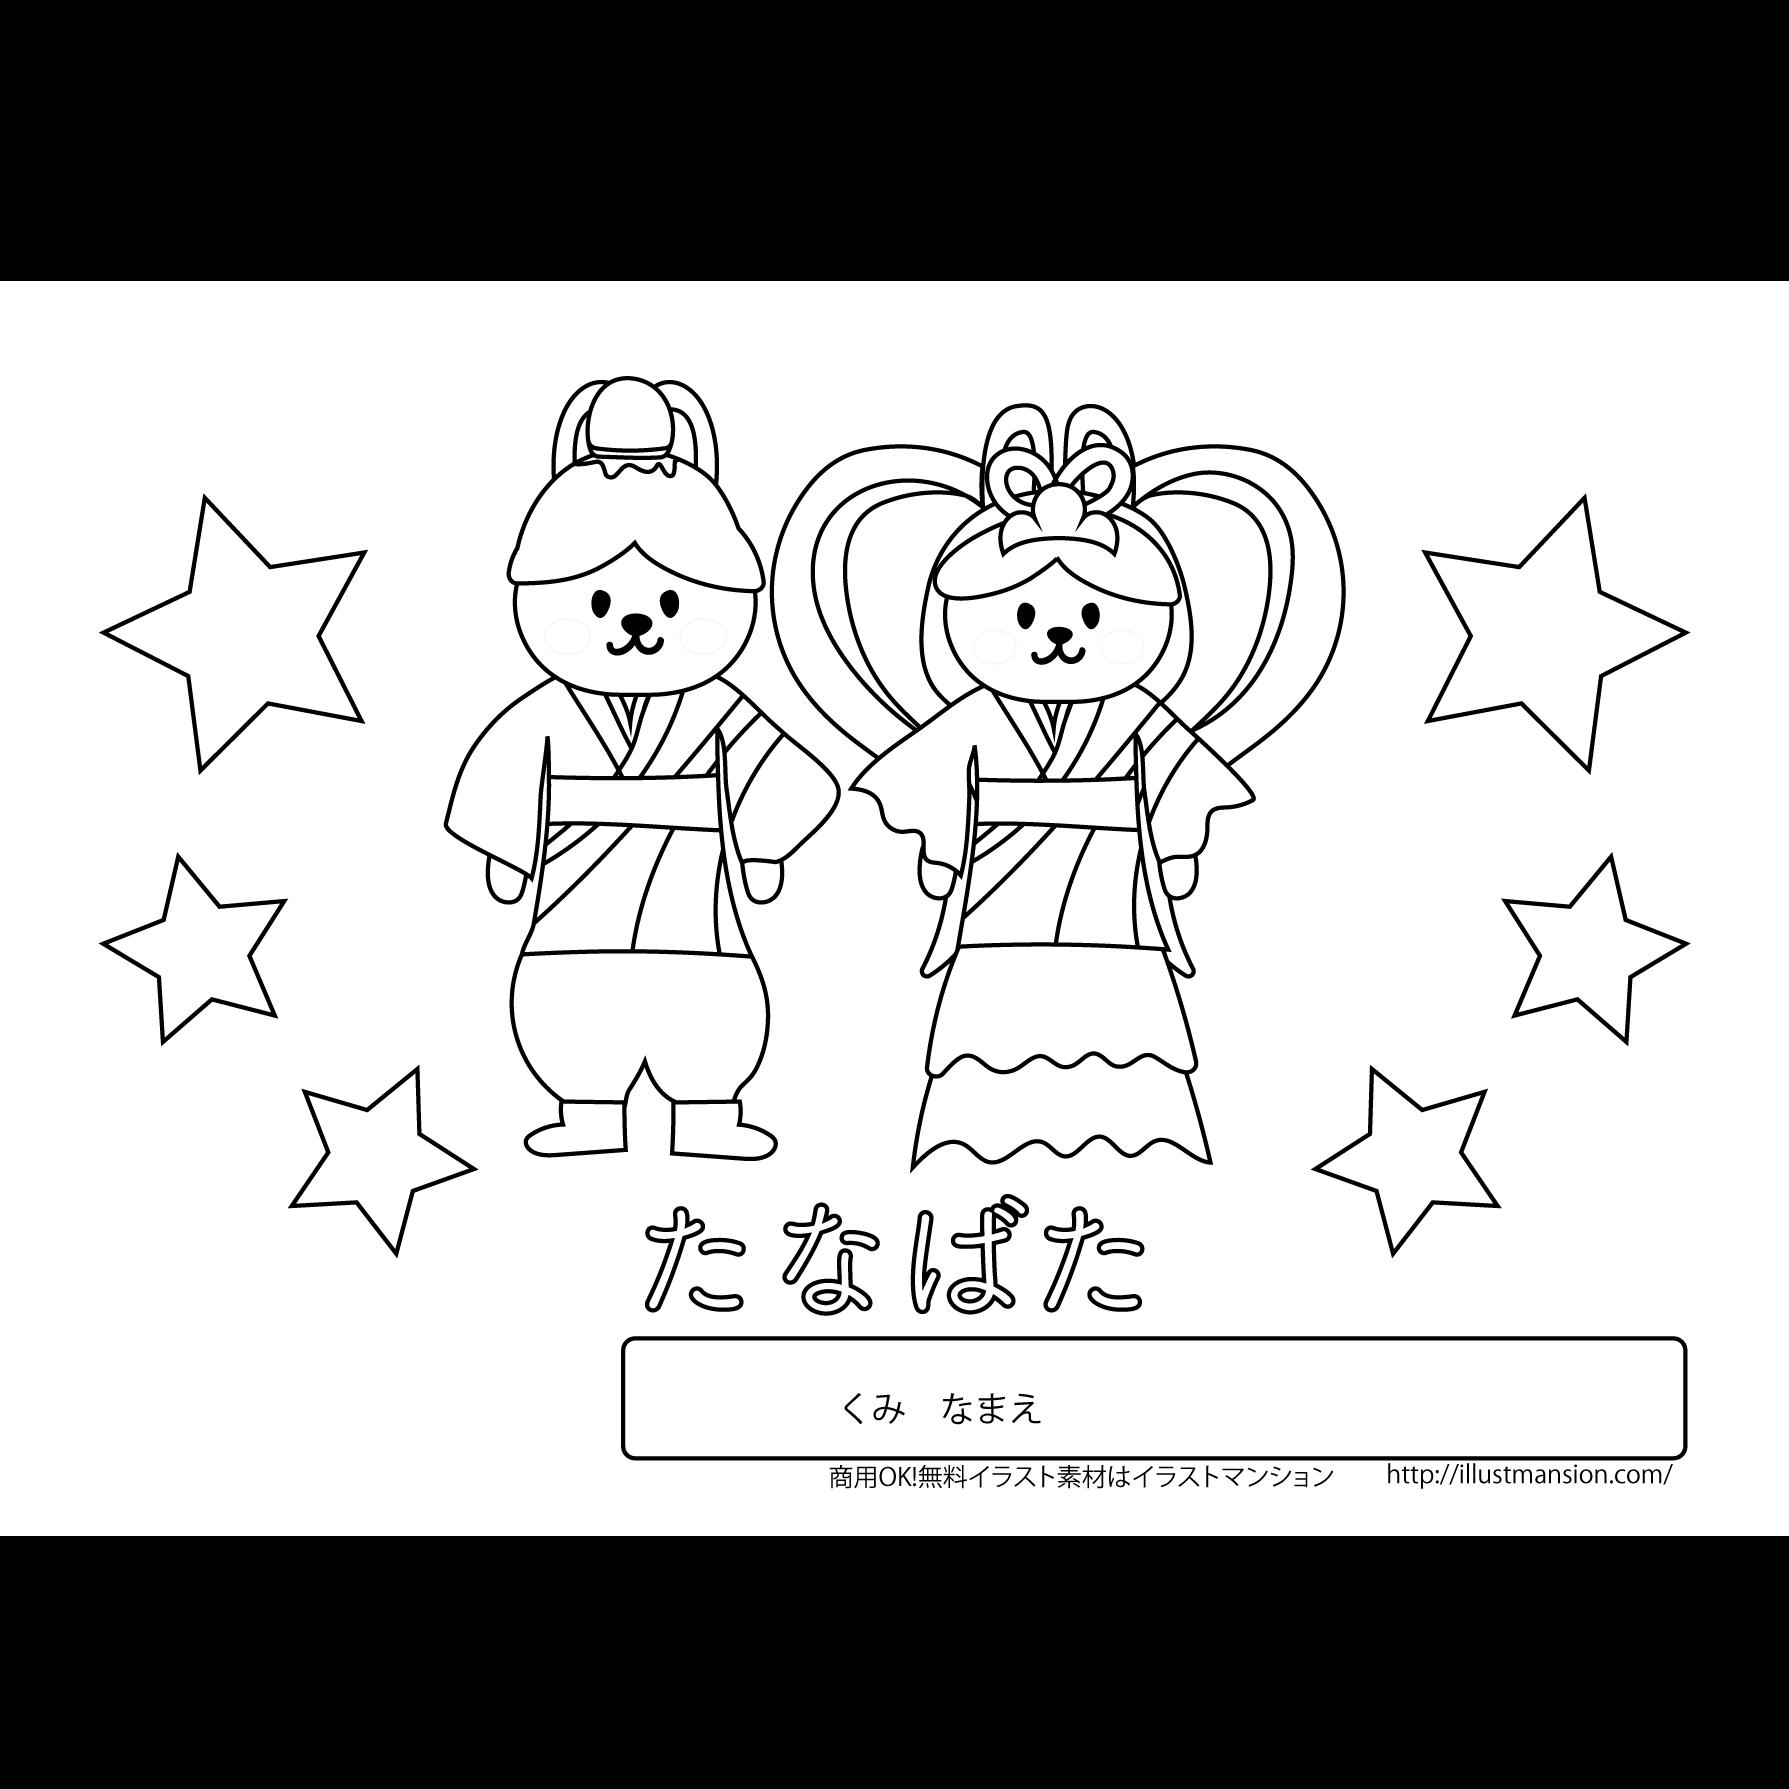 七夕織姫と彦星子供用 無料 ぬりえ イラスト 商用フリー無料の